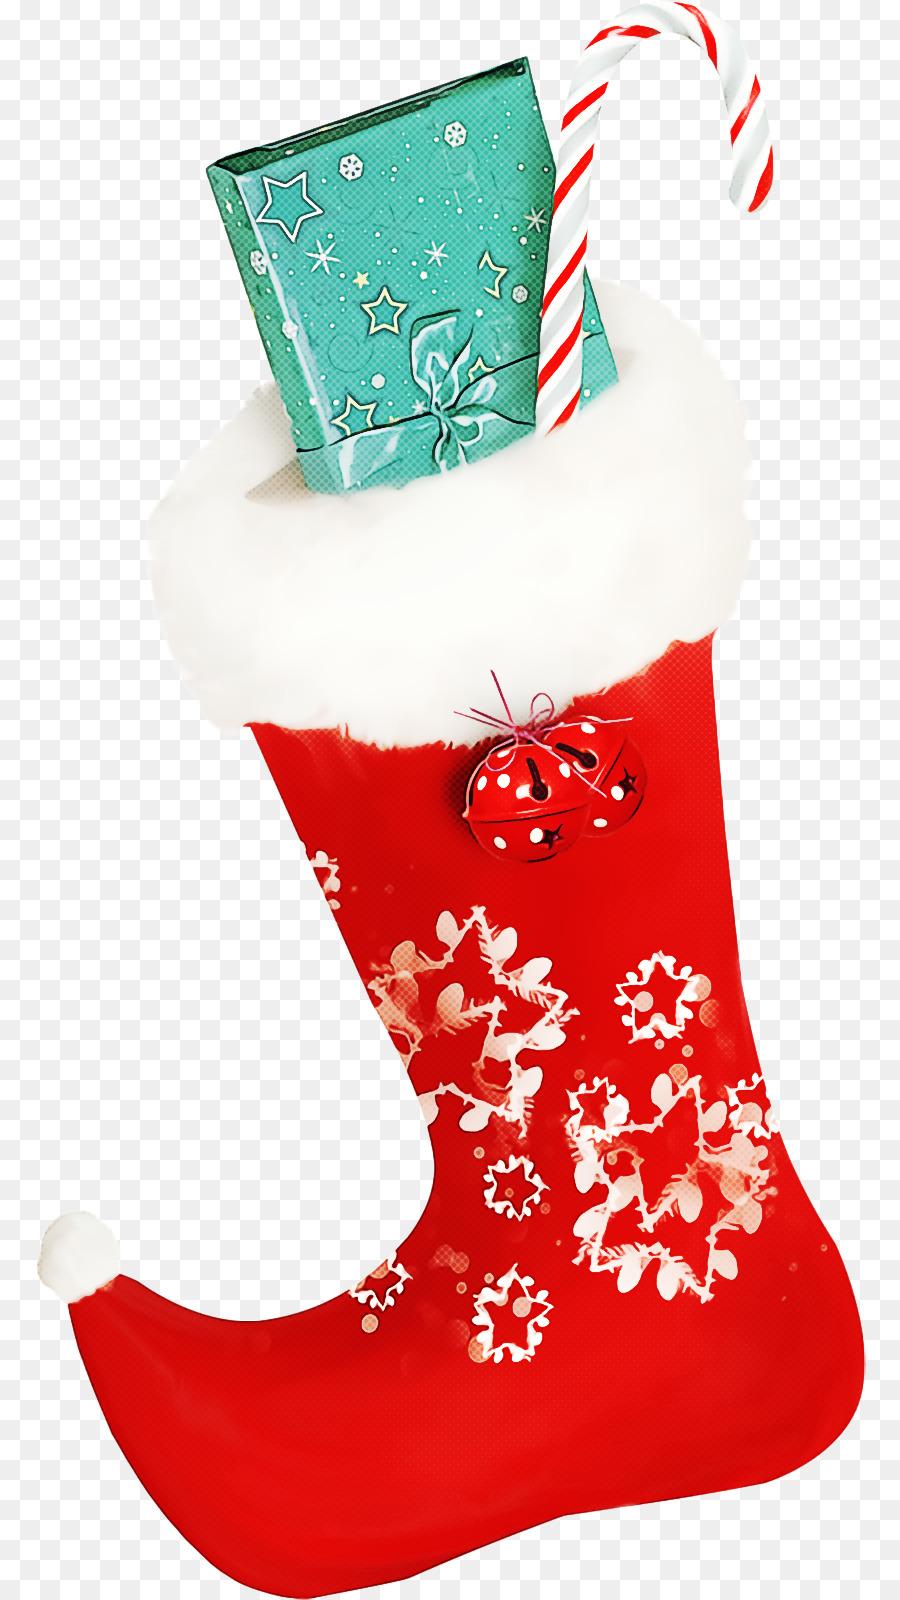 Descarga gratuita de Calcetín De Navidad, Decoración De La Navidad, Decoración imágenes PNG